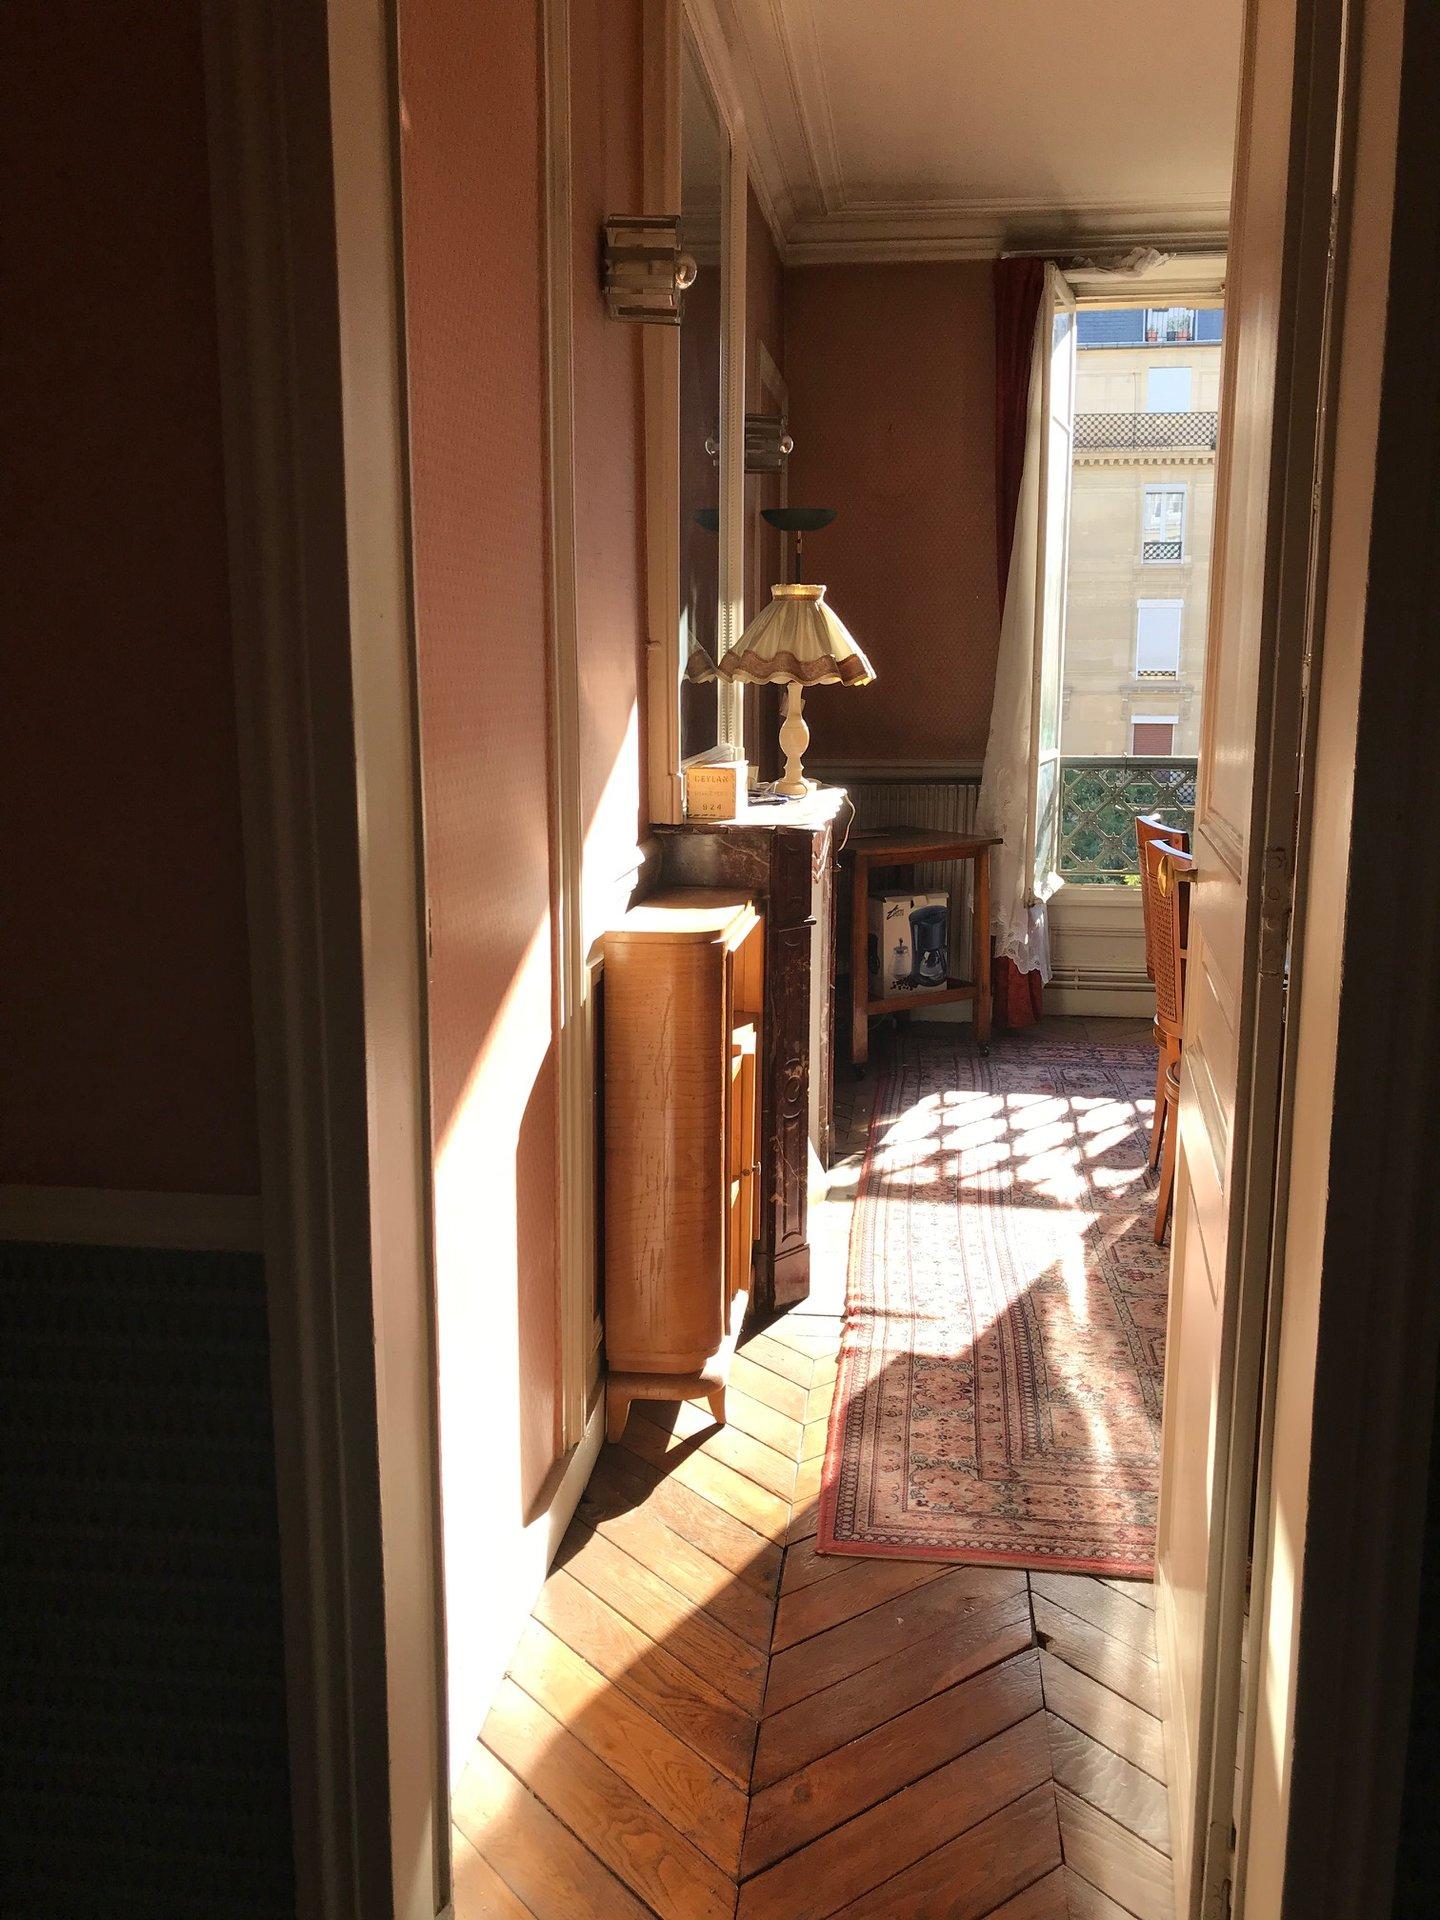 Sale Apartment - Paris 13th (Paris 13ème) Croulebarbe